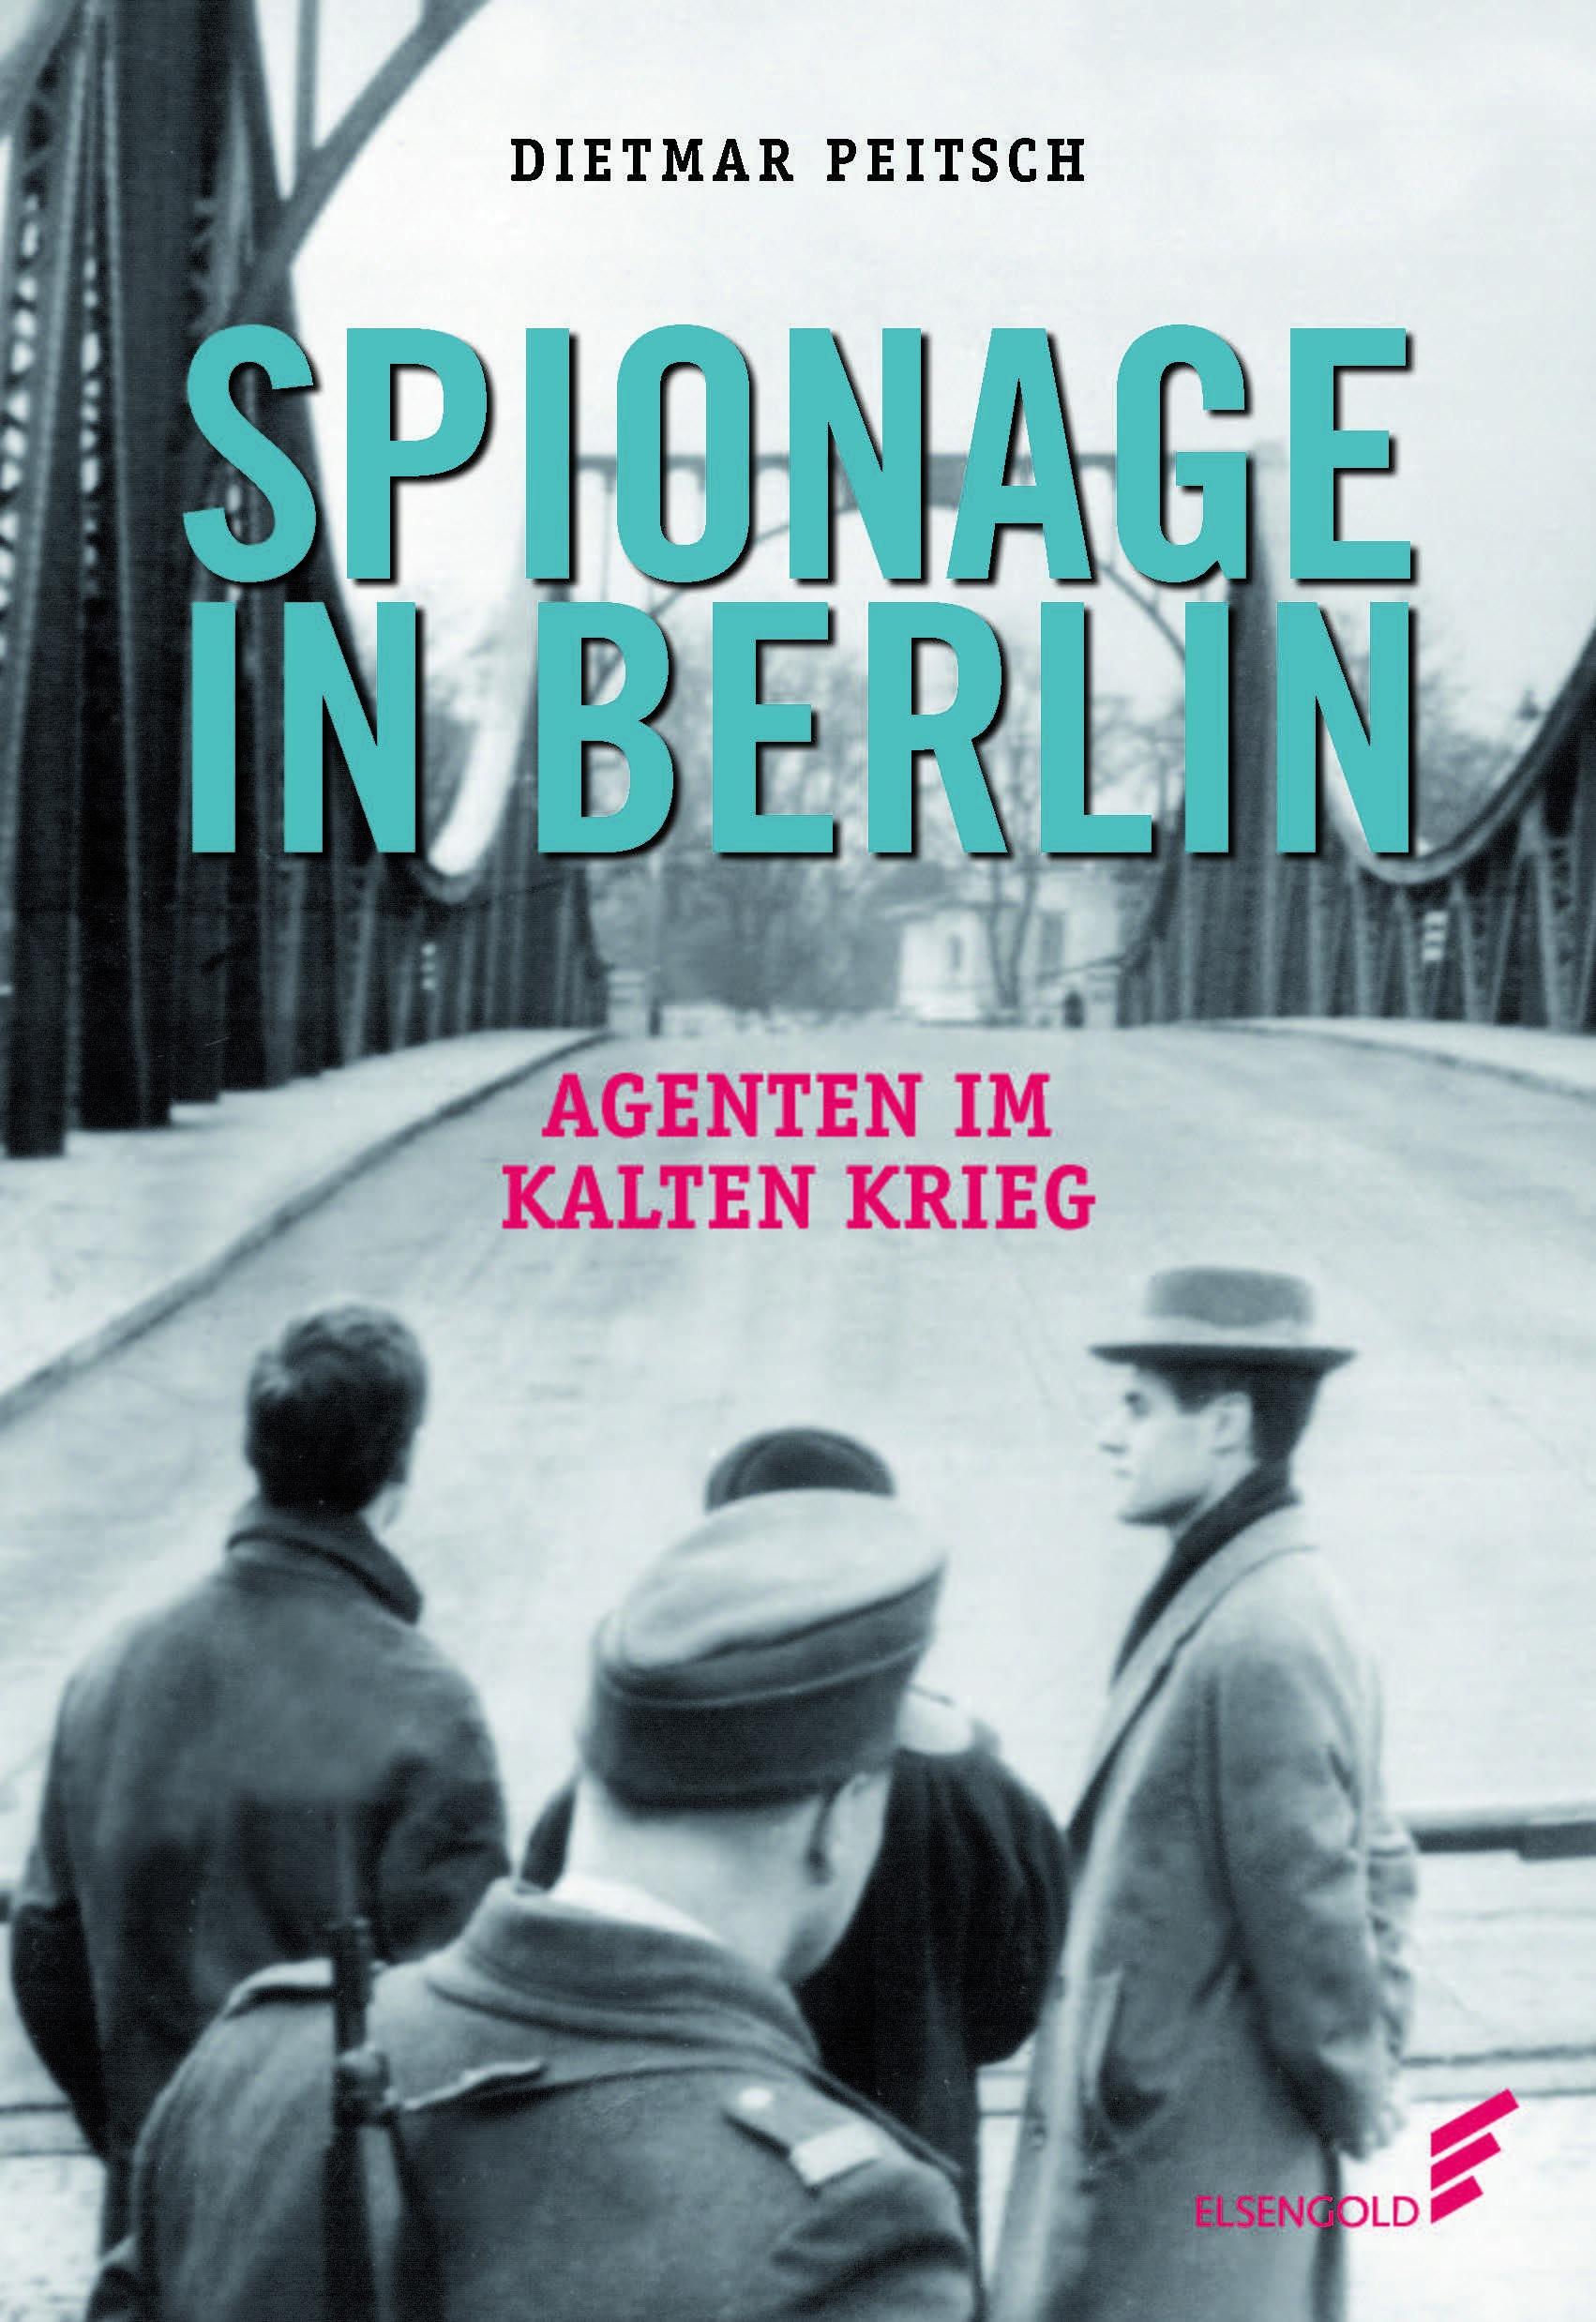 Spionage Berlin Agenten Kalter Krieg Buch